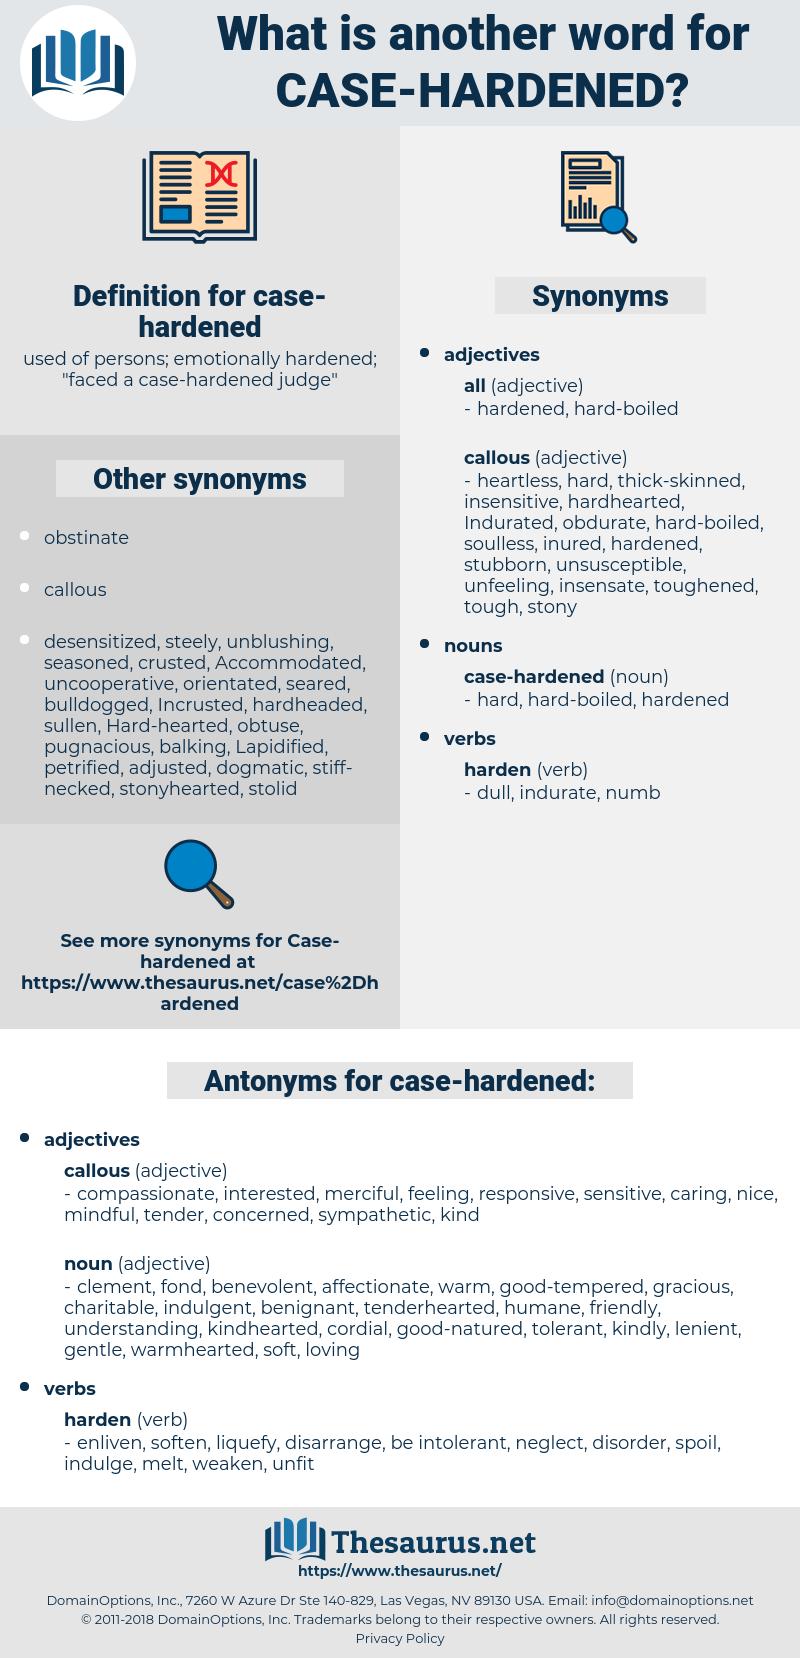 case-hardened, synonym case-hardened, another word for case-hardened, words like case-hardened, thesaurus case-hardened